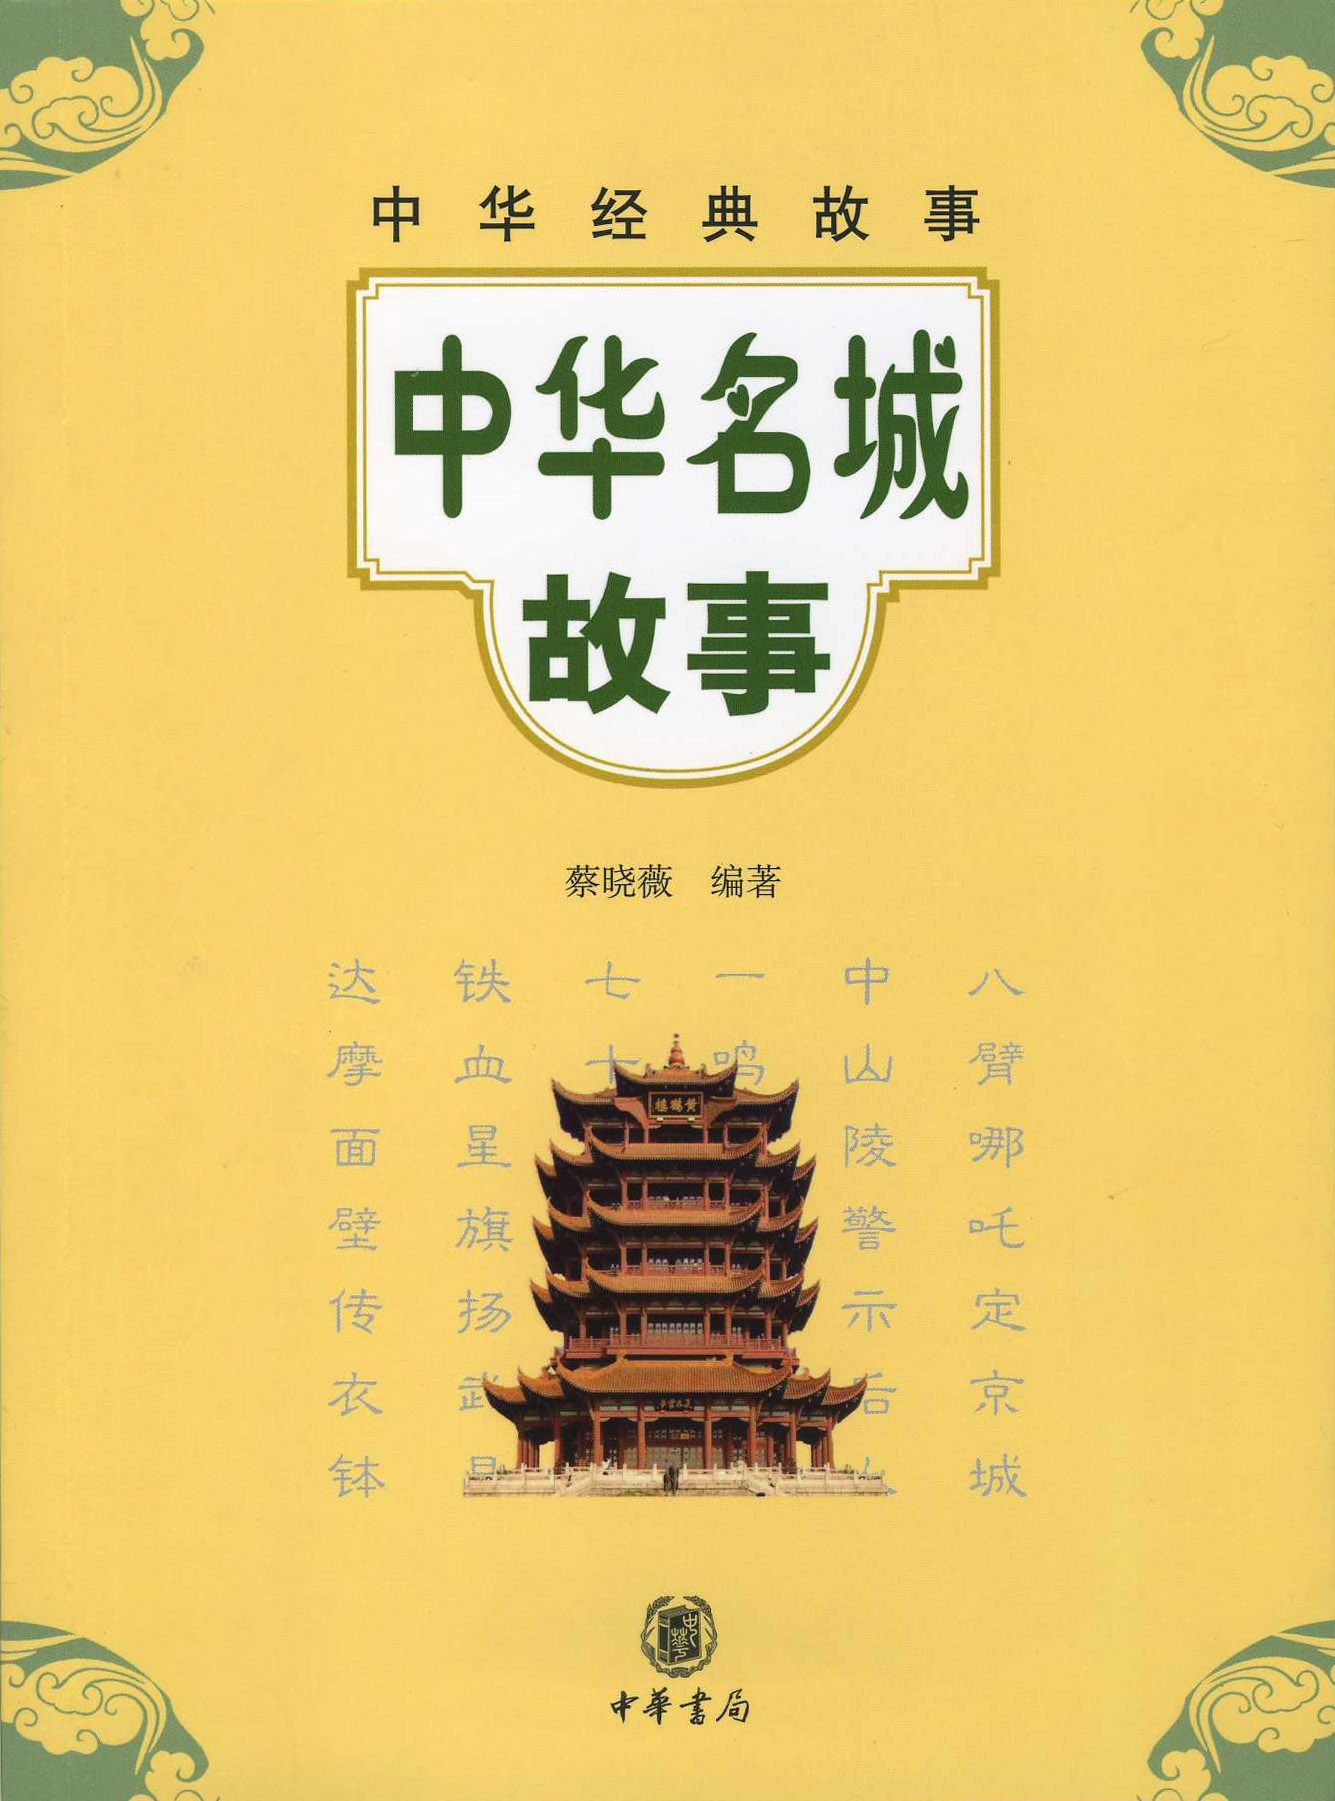 中华名城故事